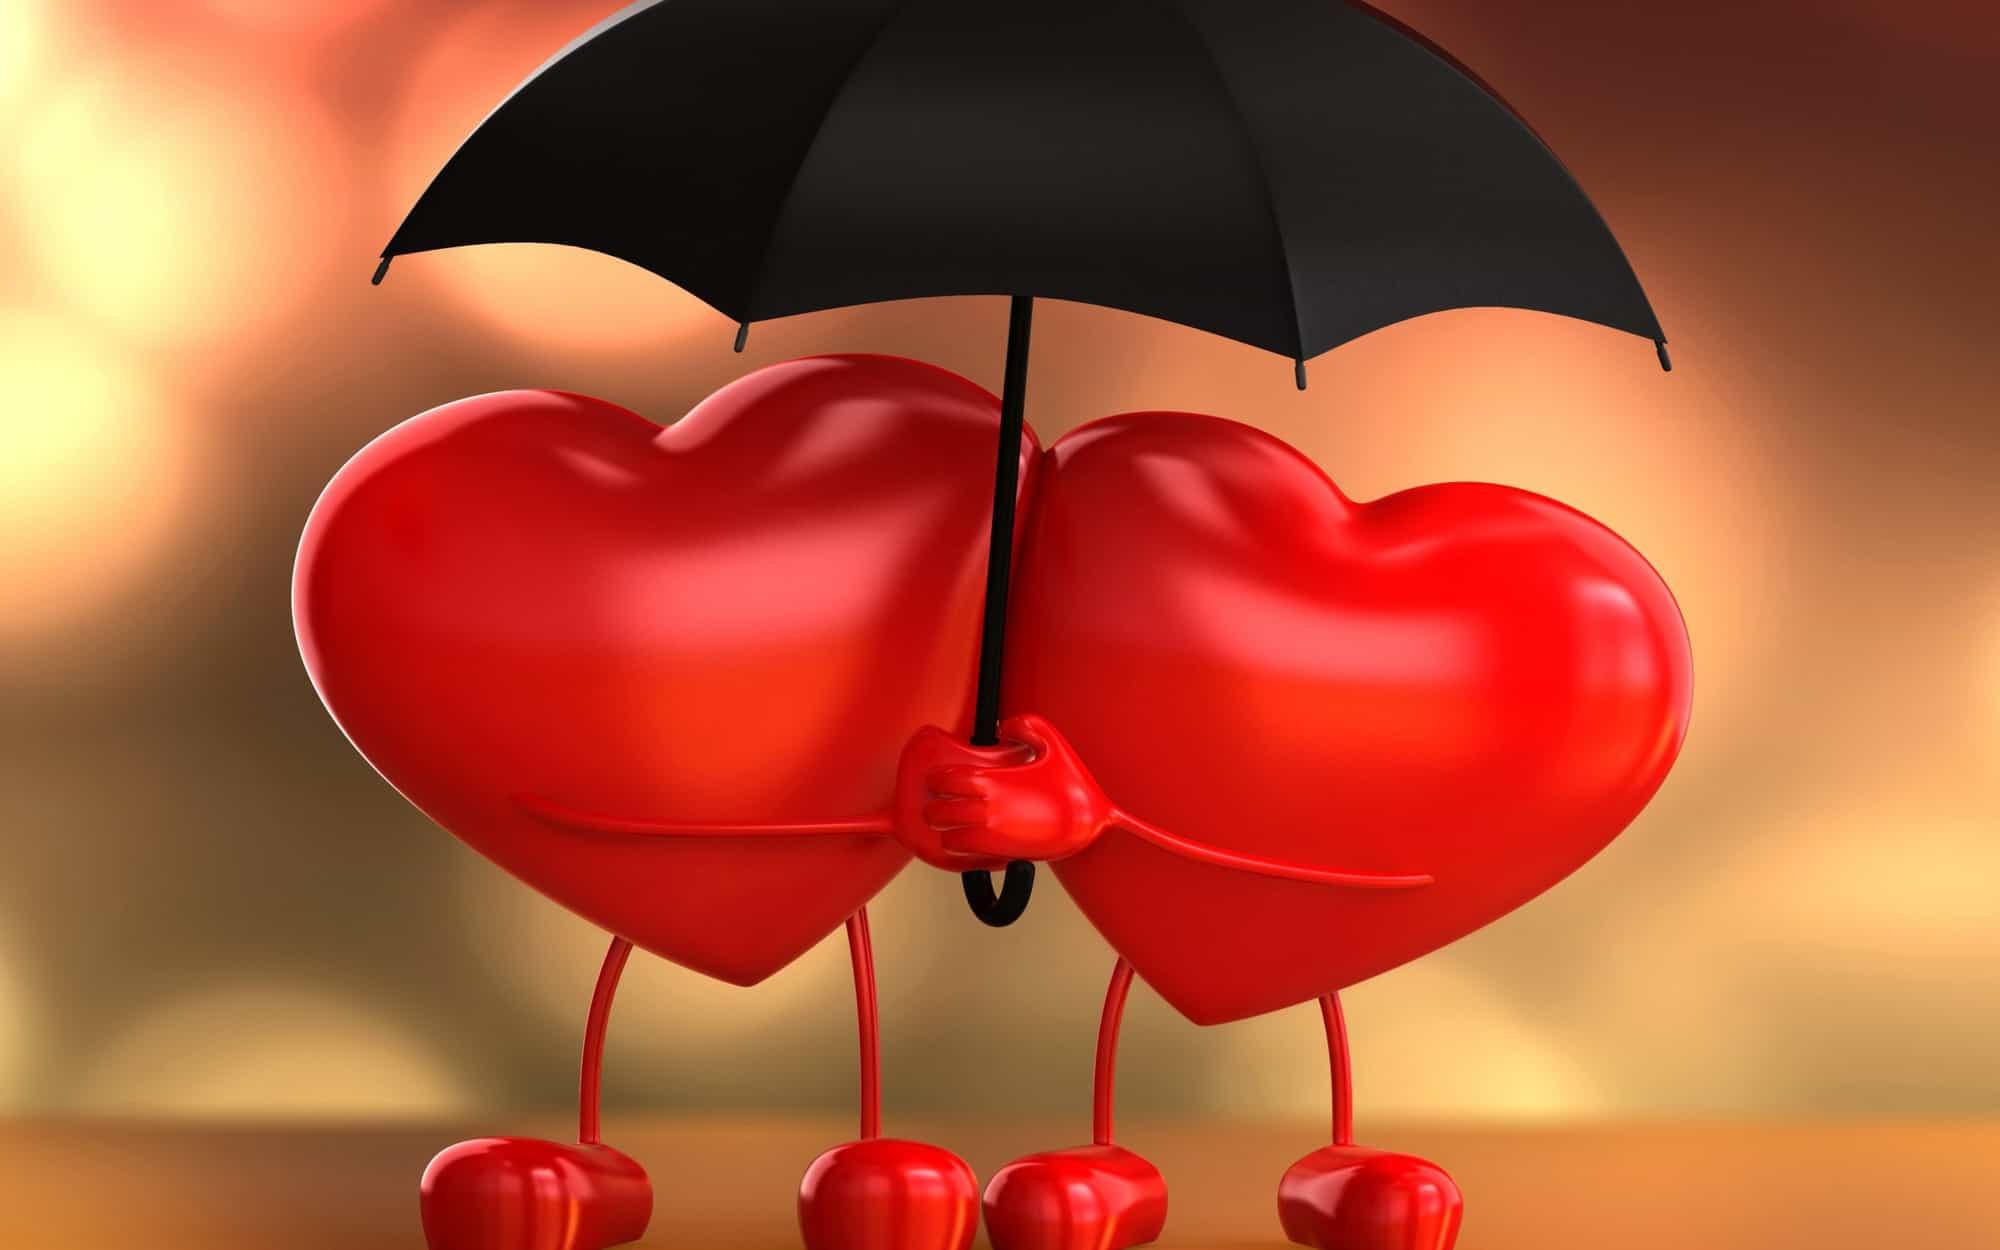 بالصور صور اشعار حب , اجمل كلمات عن الحب 5849 2